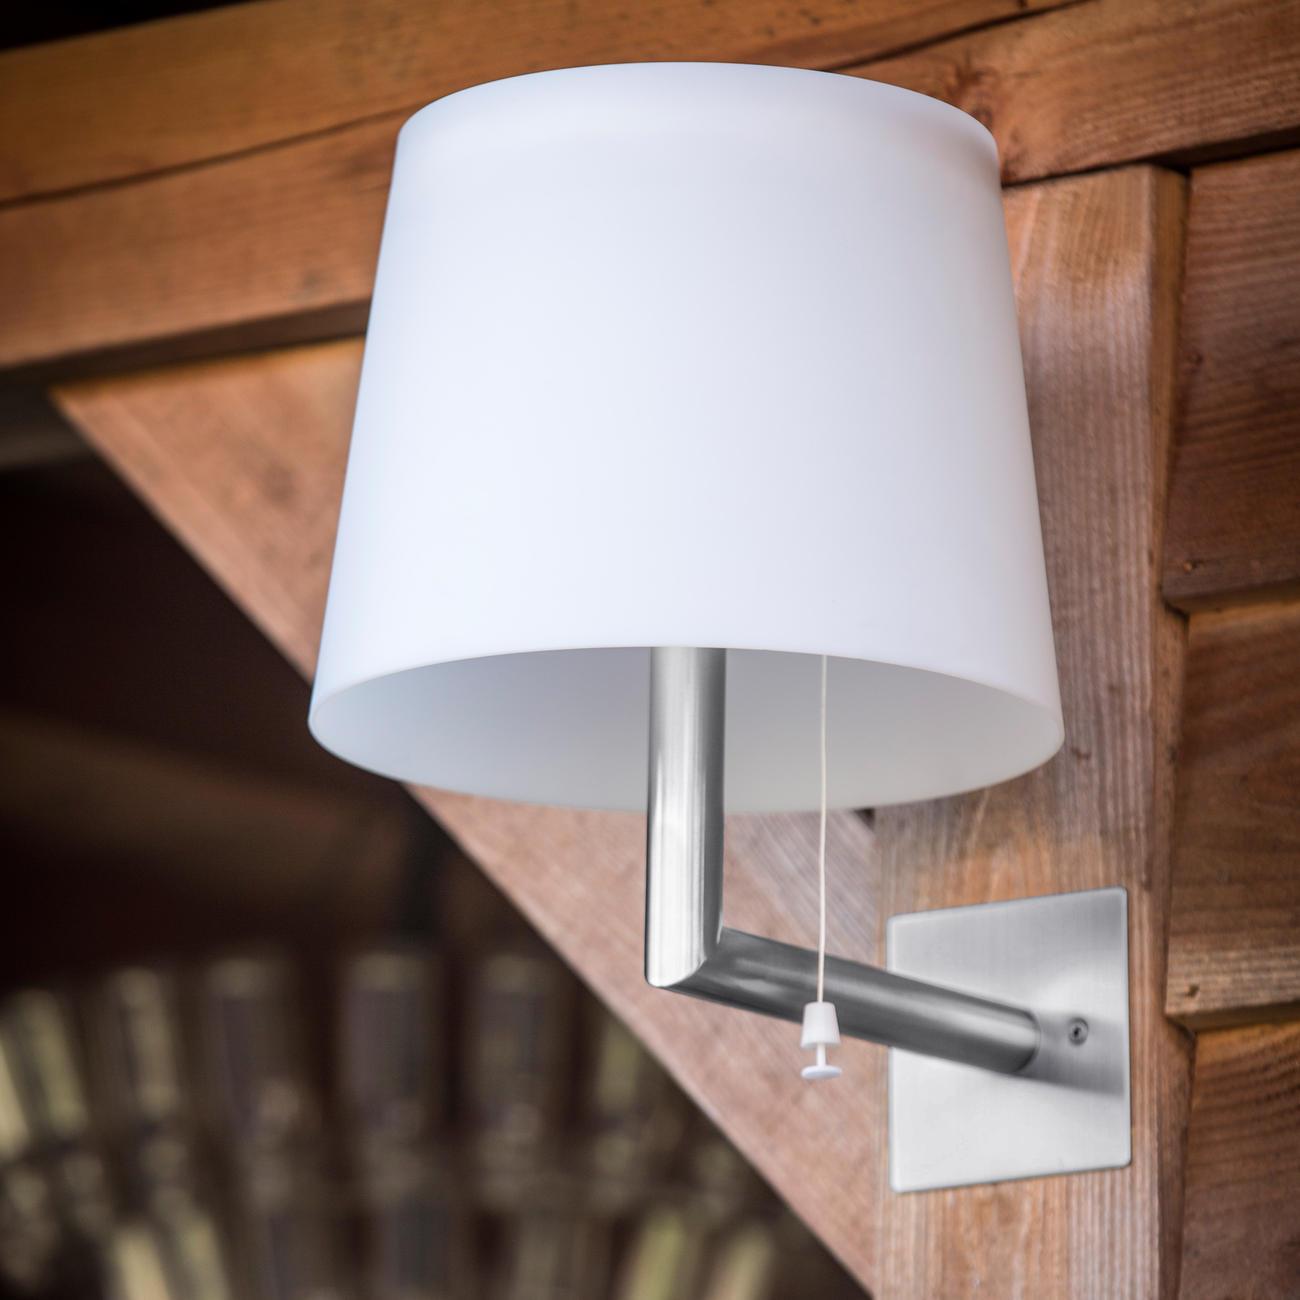 Lampes solaires garantie produit de 3 ans for Lampe solaire interieur